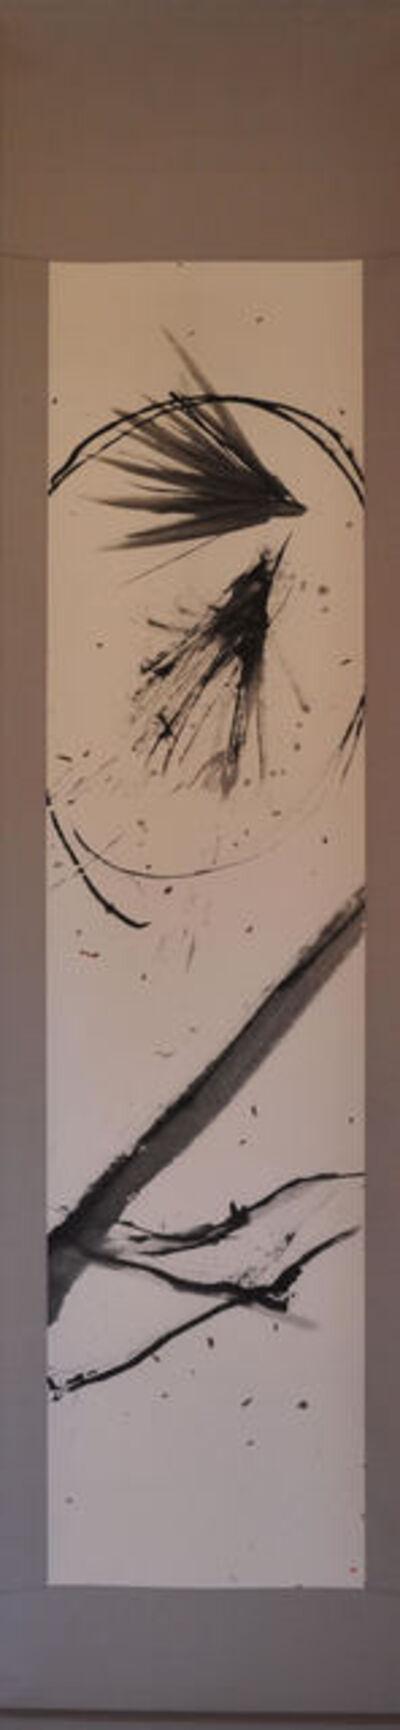 Yuuko Suzuki, 'Untitled 181207 ', 2018